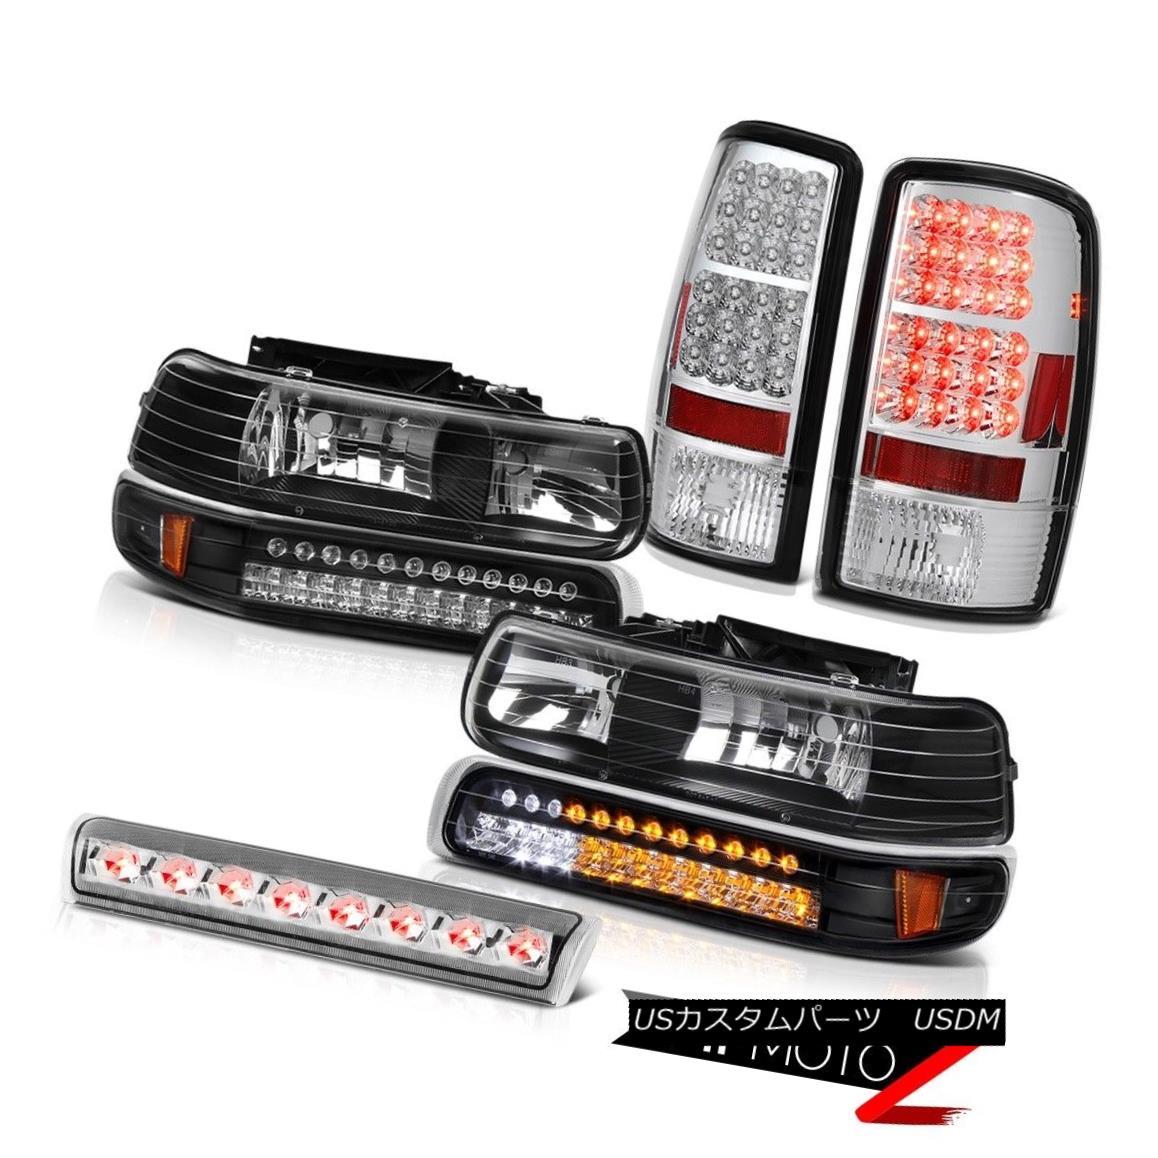 ヘッドライト 00-06 Tahoe 5.3L DRL Bumper+Headlamps Bright LED Tail Lights Euro Third Brake 00-06 Tahoe 5.3L DRLバンパー+ヘッドラム ps明るいLEDテールライトユーロ第3ブレーキ